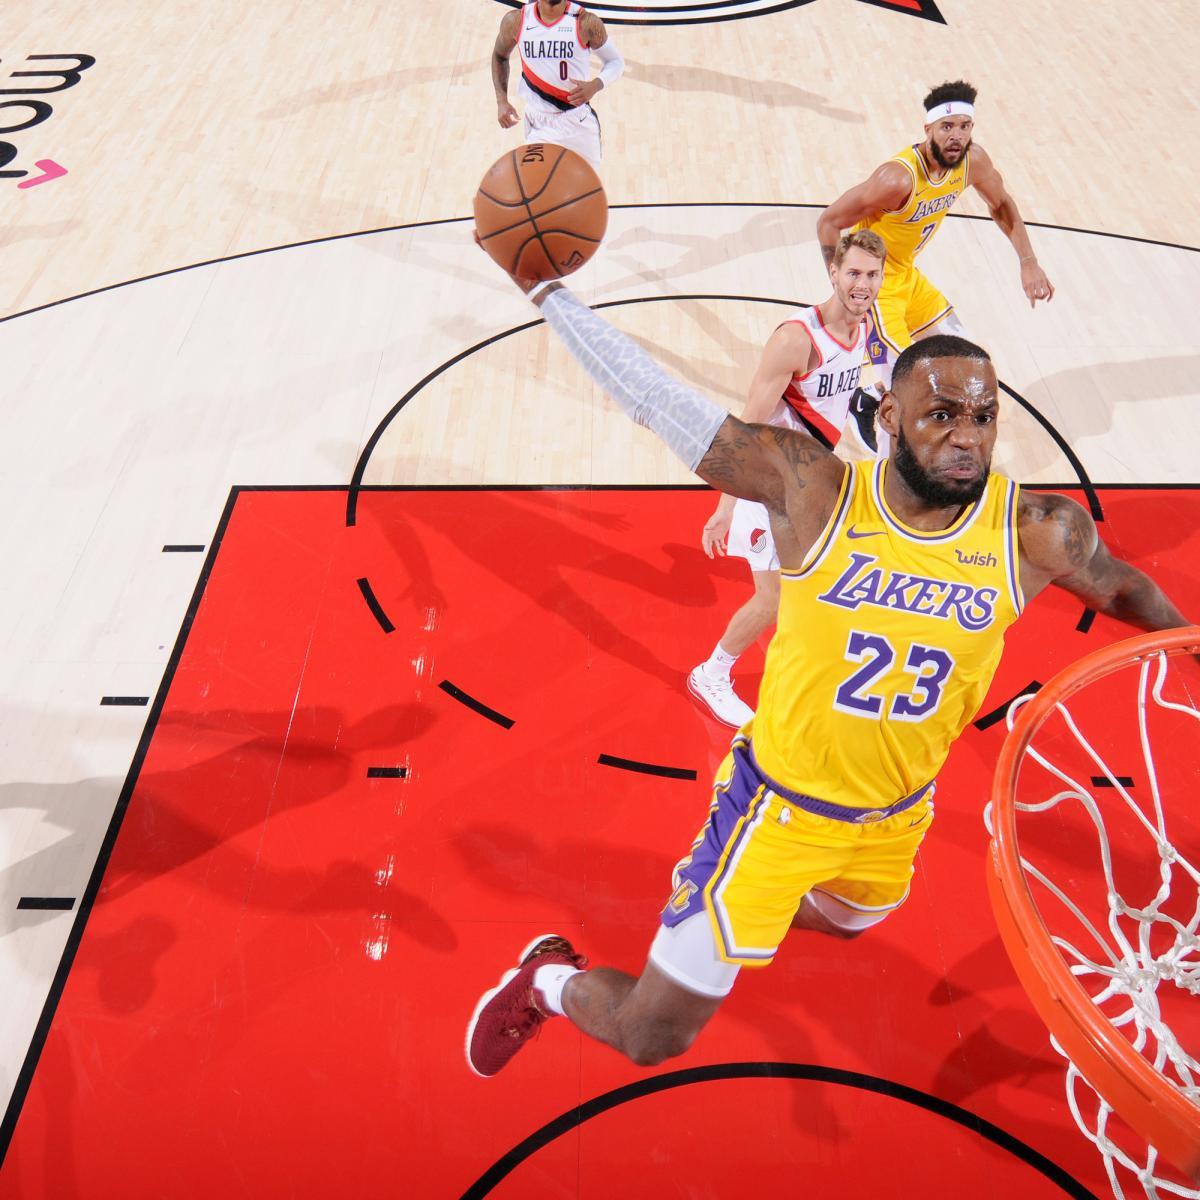 Lakers Lose LeBron James' Debut 128-119 To Damian Lillard